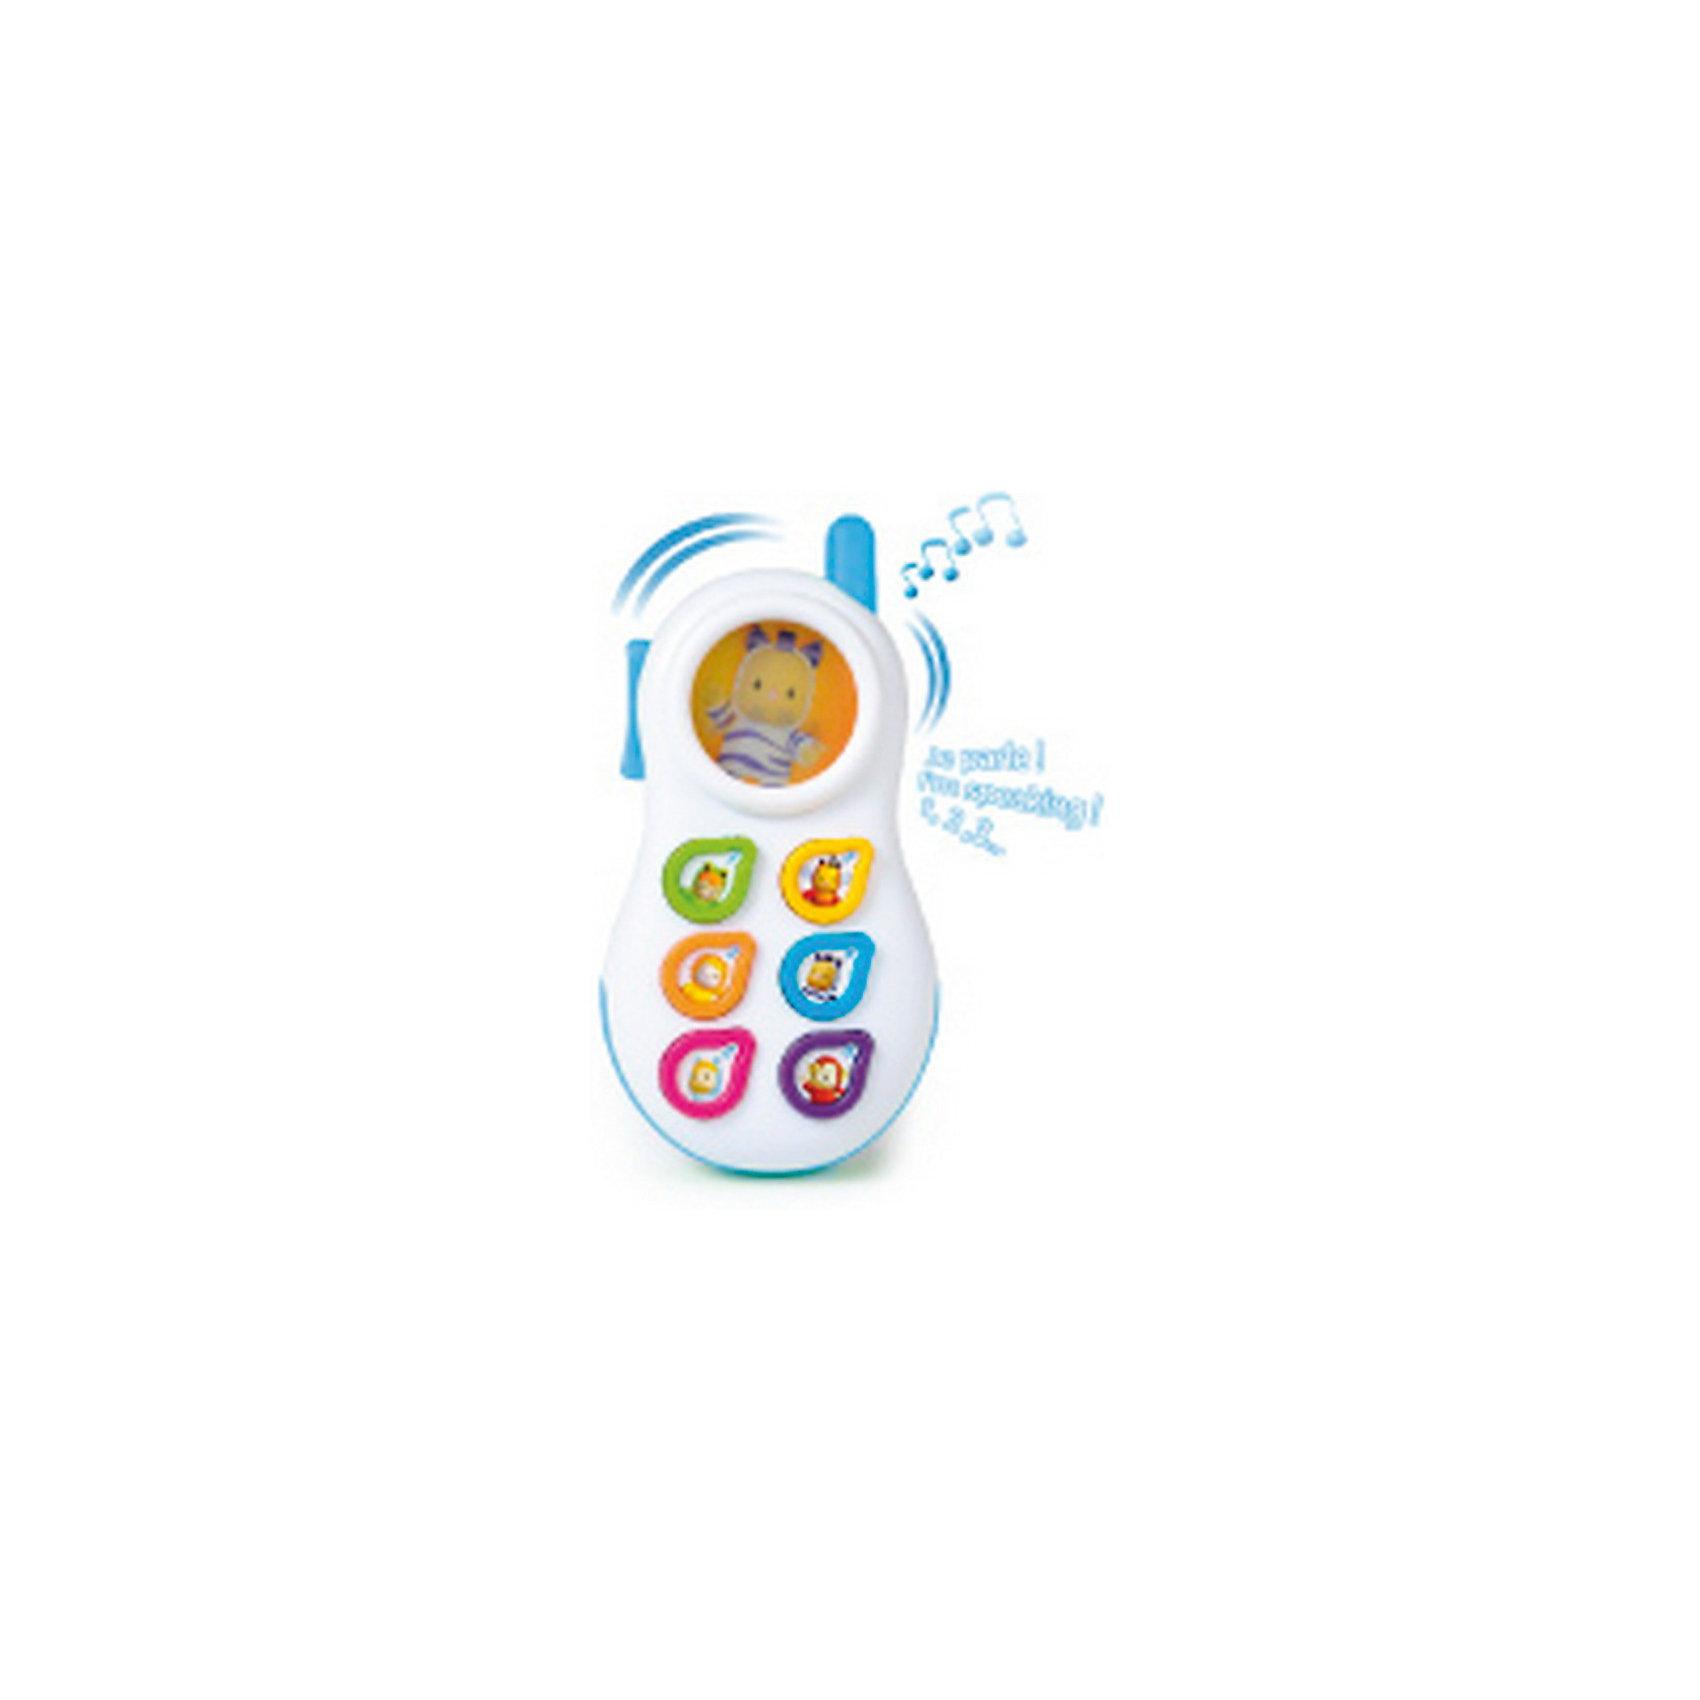 Smoby Cotoons Телефон со светом и звукомТелефон Smoby Cotoons - это игрушка со светом и звуком, которая может стать первым телефоном в жизни Вашего малыша. Форма телефона специально разработана так, чтобы его удобно было держать в маленьких ручках. Яркий, приятный на ощупь, выполненный из качественных материалов. Телефон на выбор предлагает 3 языка- русский, английский, китайский , так что малыш получит первое представление об иностранных языках и сможет запомнить несколько слов из них. Антенна телефона светится, ее можно использовать как прорезыватель. А на маленьком дисплее малыша приветствует Панки, который, то прячется, то выскакивает из укрытия (голограмма).  <br>Есть 6 кнопочек с цветной рамкой и изображением карапуза Котунс:<br> - кнопочка 1 с зеленой рамкой и изображением лягушонка Вабап;<br> - кнопочка 2 с желтой рамкой и портретом пчелки Зум;<br> - кнопочка 3 с оранжевой рамкой - львенок Тюлип;<br> - кнопочки 4 с синей рамкой - зебра Панки;<br> - кнопочка 5 с красной рамкой - гусеничка Чоувинг;<br> - кнопочка 6 с фиолетовой рамкой - обезьянка Моки;<br> при первом нажатии называется цифра, при втором - цвет, третьем - приветствие карапуза или забавный звук; <br>при отсутствии действий с игрушкой предусмотрено автоматическое отключение (примерно через 20 секунд): через некоторое время телефон сам звонит, приглашая малыша продолжить игру, затем говорит «Пока!» и отключается.<br>Телефон стимулирует развитие тактильных навыков и сенсорного восприятия. <br><br>Дополнительная информация:<br><br>- цвета : розовый, голубой<br>- материал: высококачественная пластмасса<br>- размер игрушки: 15х8х2 см.<br>- размер упаковки: 14х5х21 см.<br>- вес: 0,22 кг.<br><br>Телефон Smoby Cotoons можно купить в нашем интернет-магазине<br><br>Ширина мм: 140<br>Глубина мм: 50<br>Высота мм: 210<br>Вес г: 220<br>Возраст от месяцев: 6<br>Возраст до месяцев: 36<br>Пол: Унисекс<br>Возраст: Детский<br>SKU: 3246469